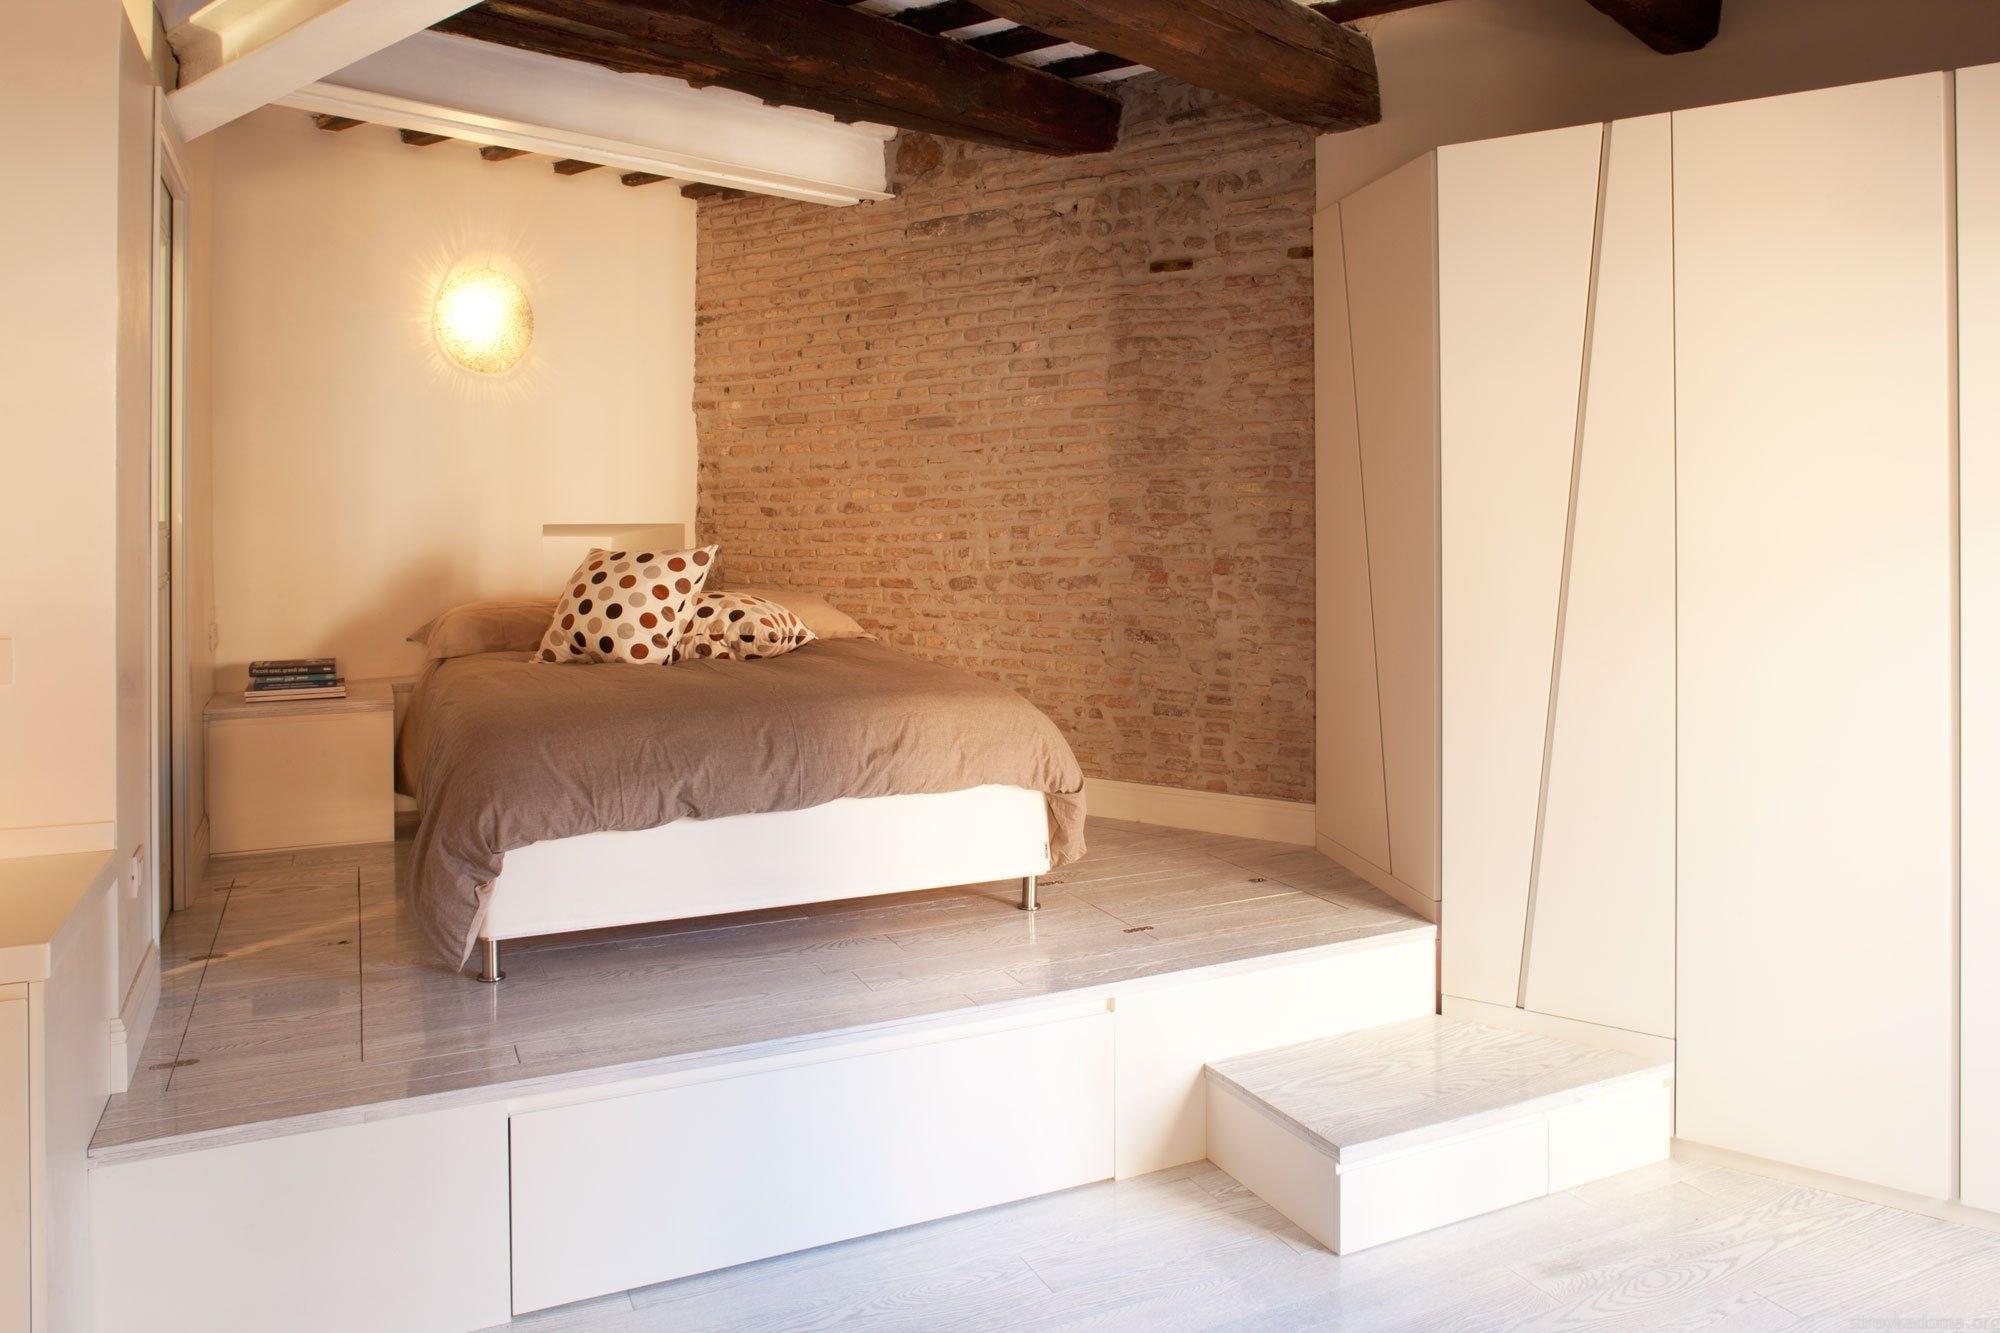 являются фото однокомнатных квартир с местом для кровати компанию бизнесмен